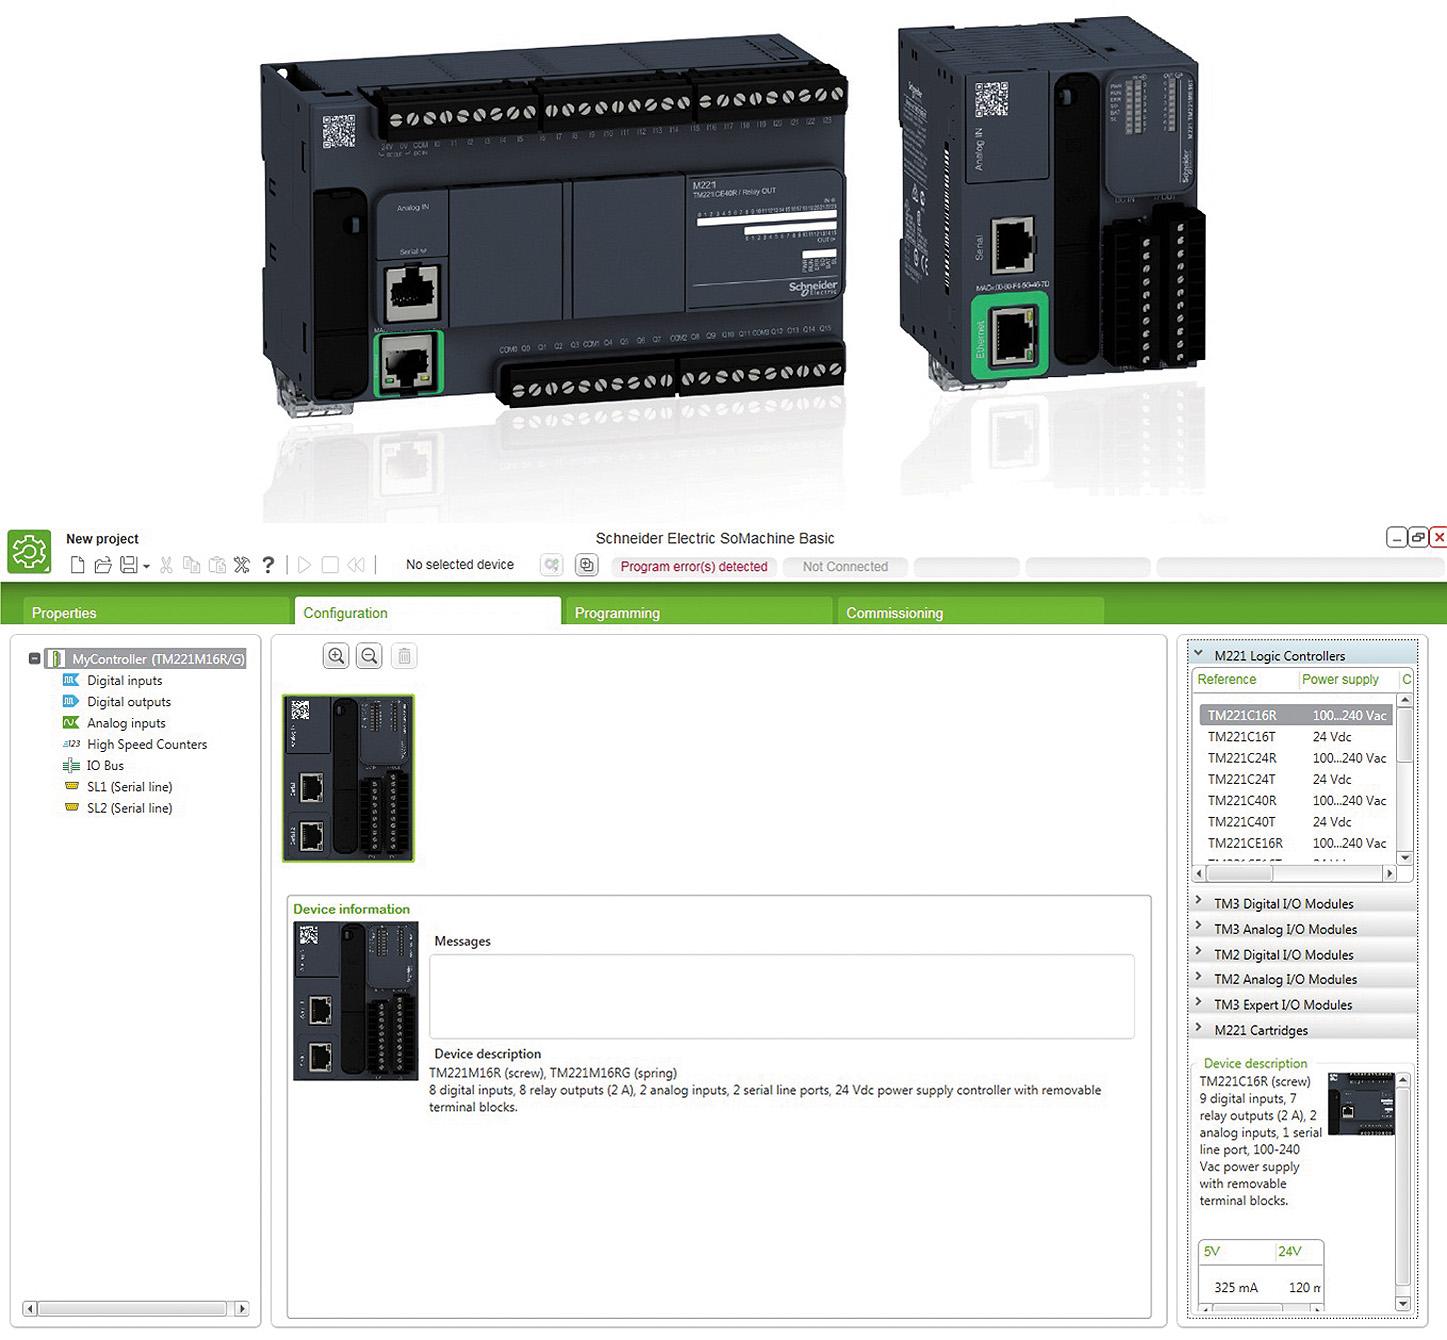 Внешний вид контроллера Modicon М221 и среды разработки SoMachine Basic